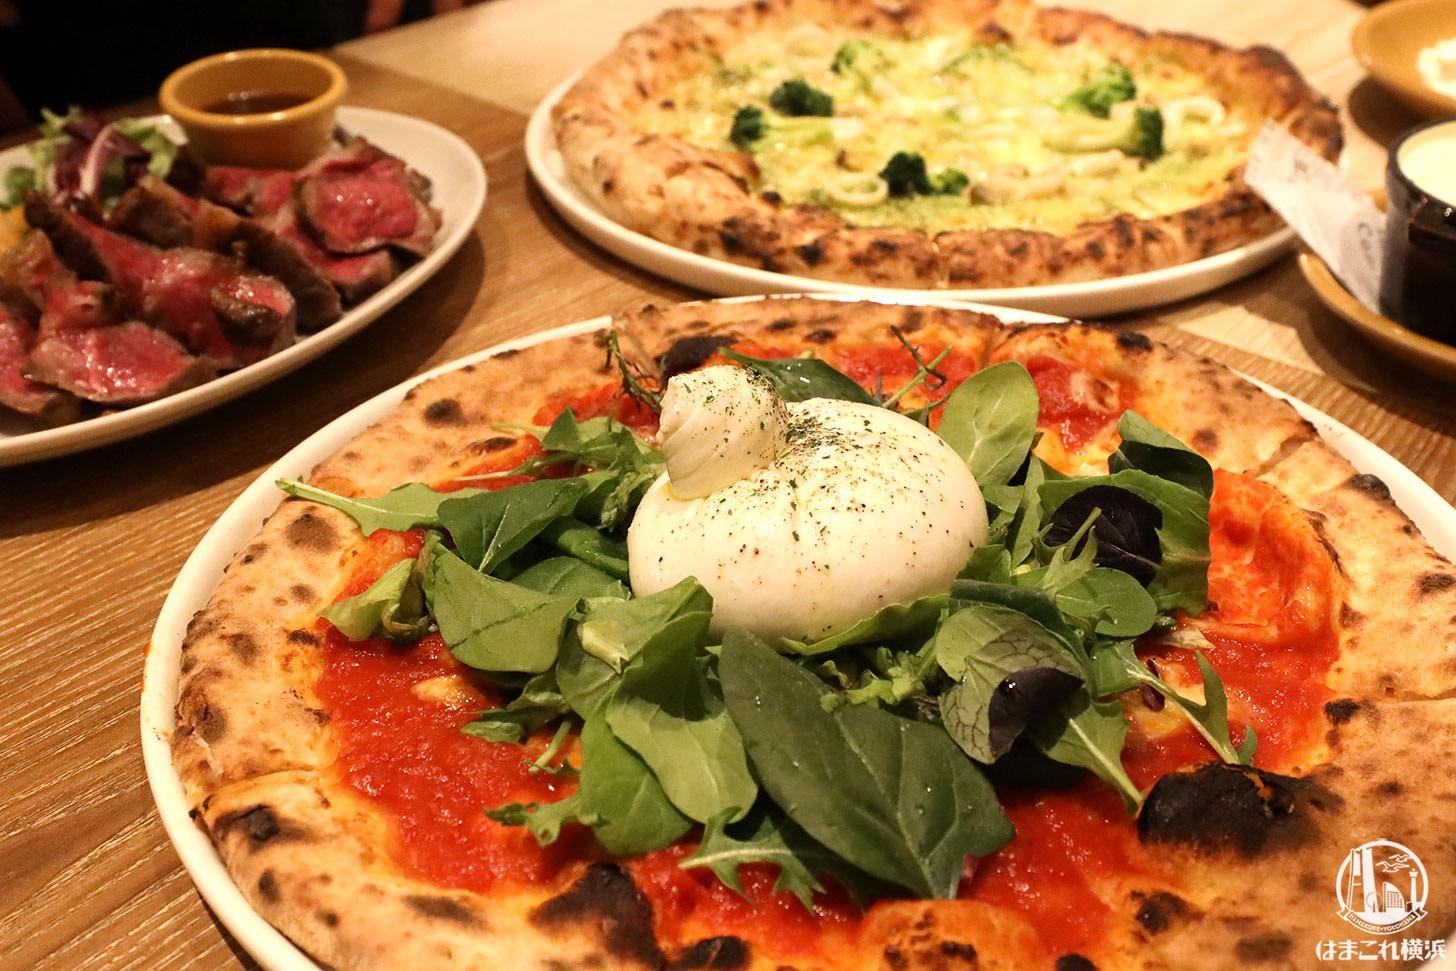 グッドスプーンの新業態が横浜モアーズに出店!窯焼きピッツァに、工房で作るチーズ食べ放題も